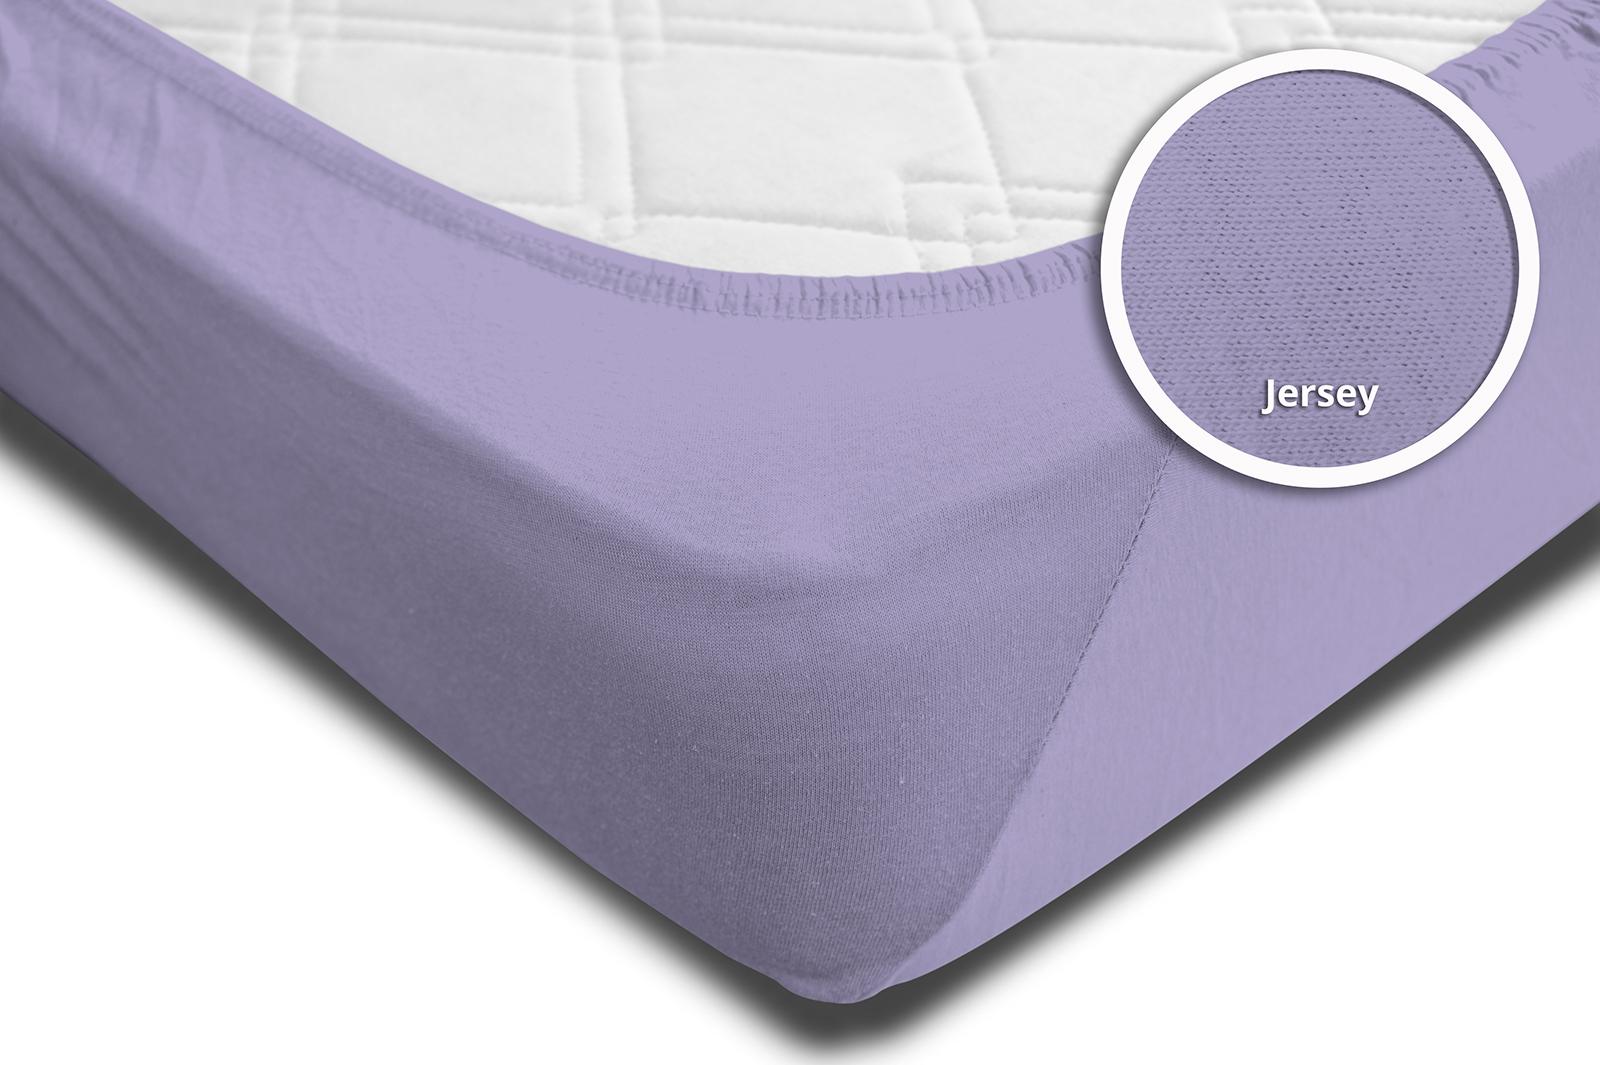 spannbettlaken spannbetttuch flieder 140x200 cm 160x200 cm jersey baumwolle spannbettlaken. Black Bedroom Furniture Sets. Home Design Ideas